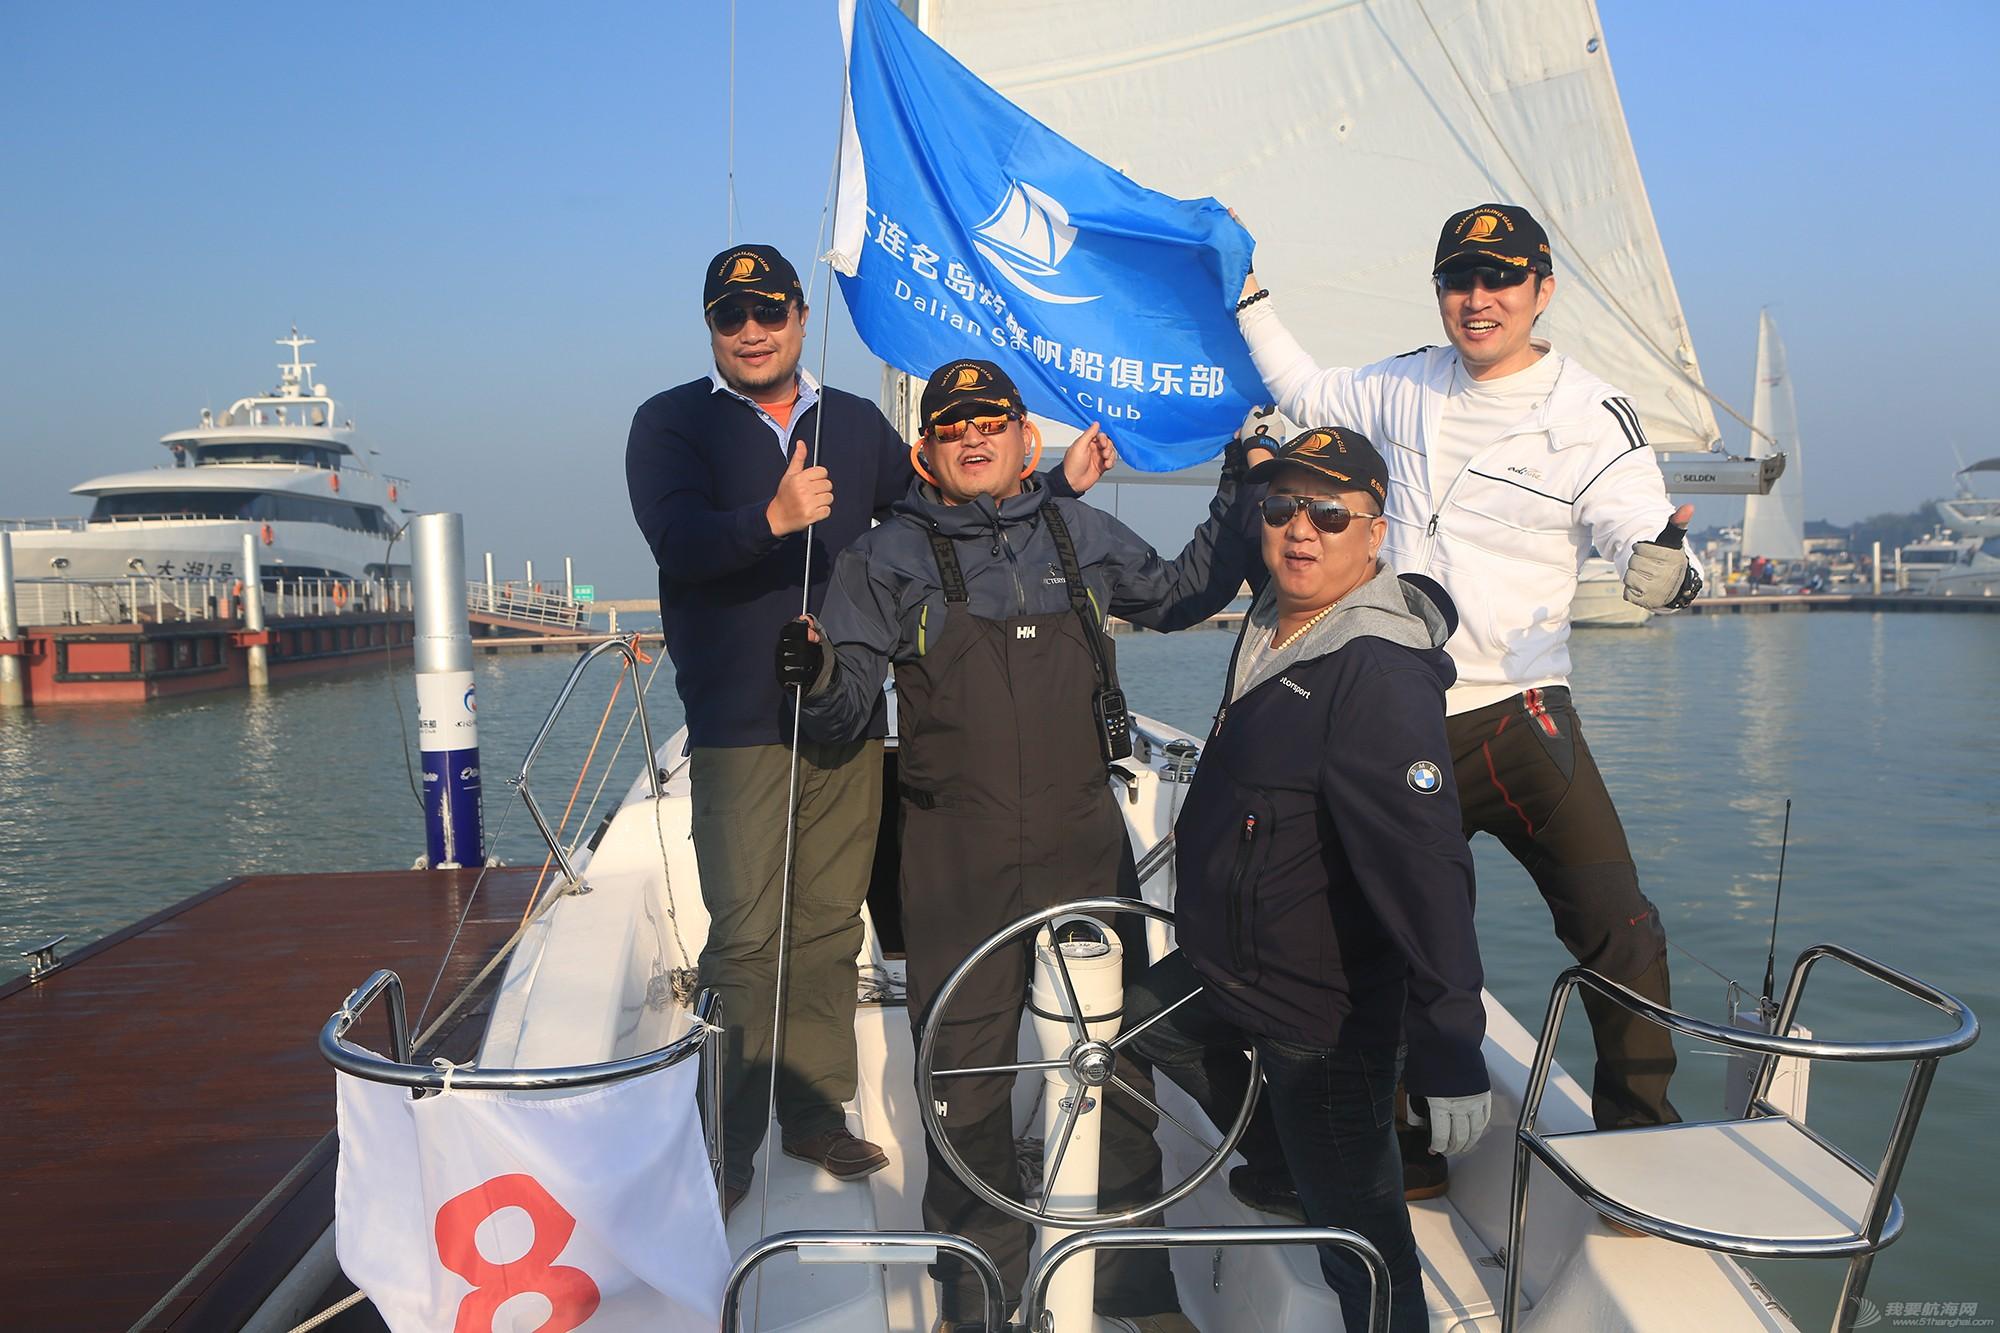 """拉力赛,帆船,太湖 2016""""菱湖湾杯""""环太湖帆船拉力赛参赛船队、船员风采 5V8A7534.JPG"""